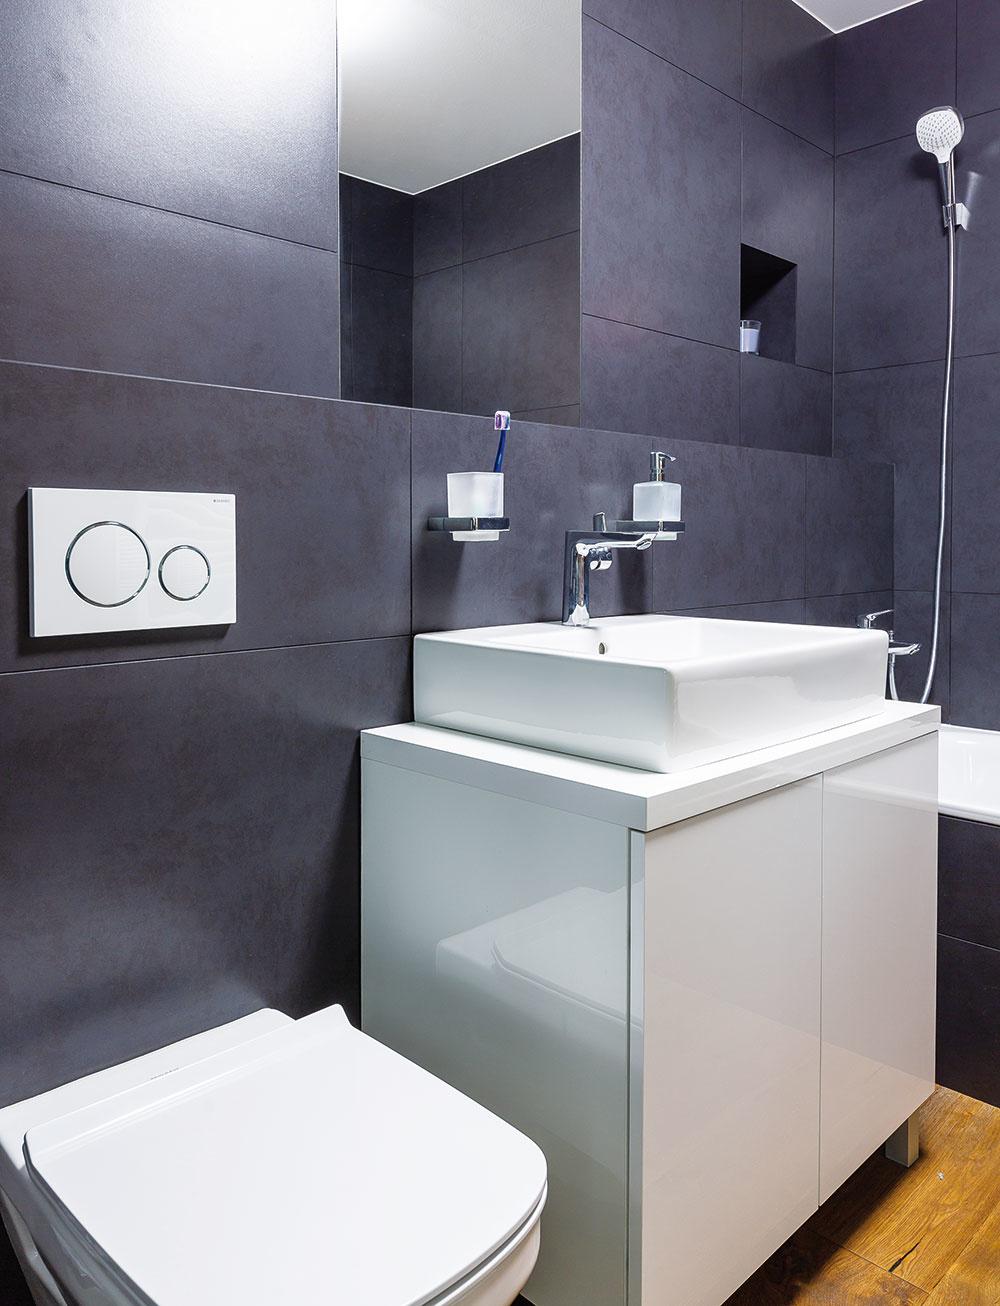 Kúpeľňa je pomerne priestranná,stenu nad vaňou ozvláštňuje nika, ktorá slúži ako odkladací priestor.